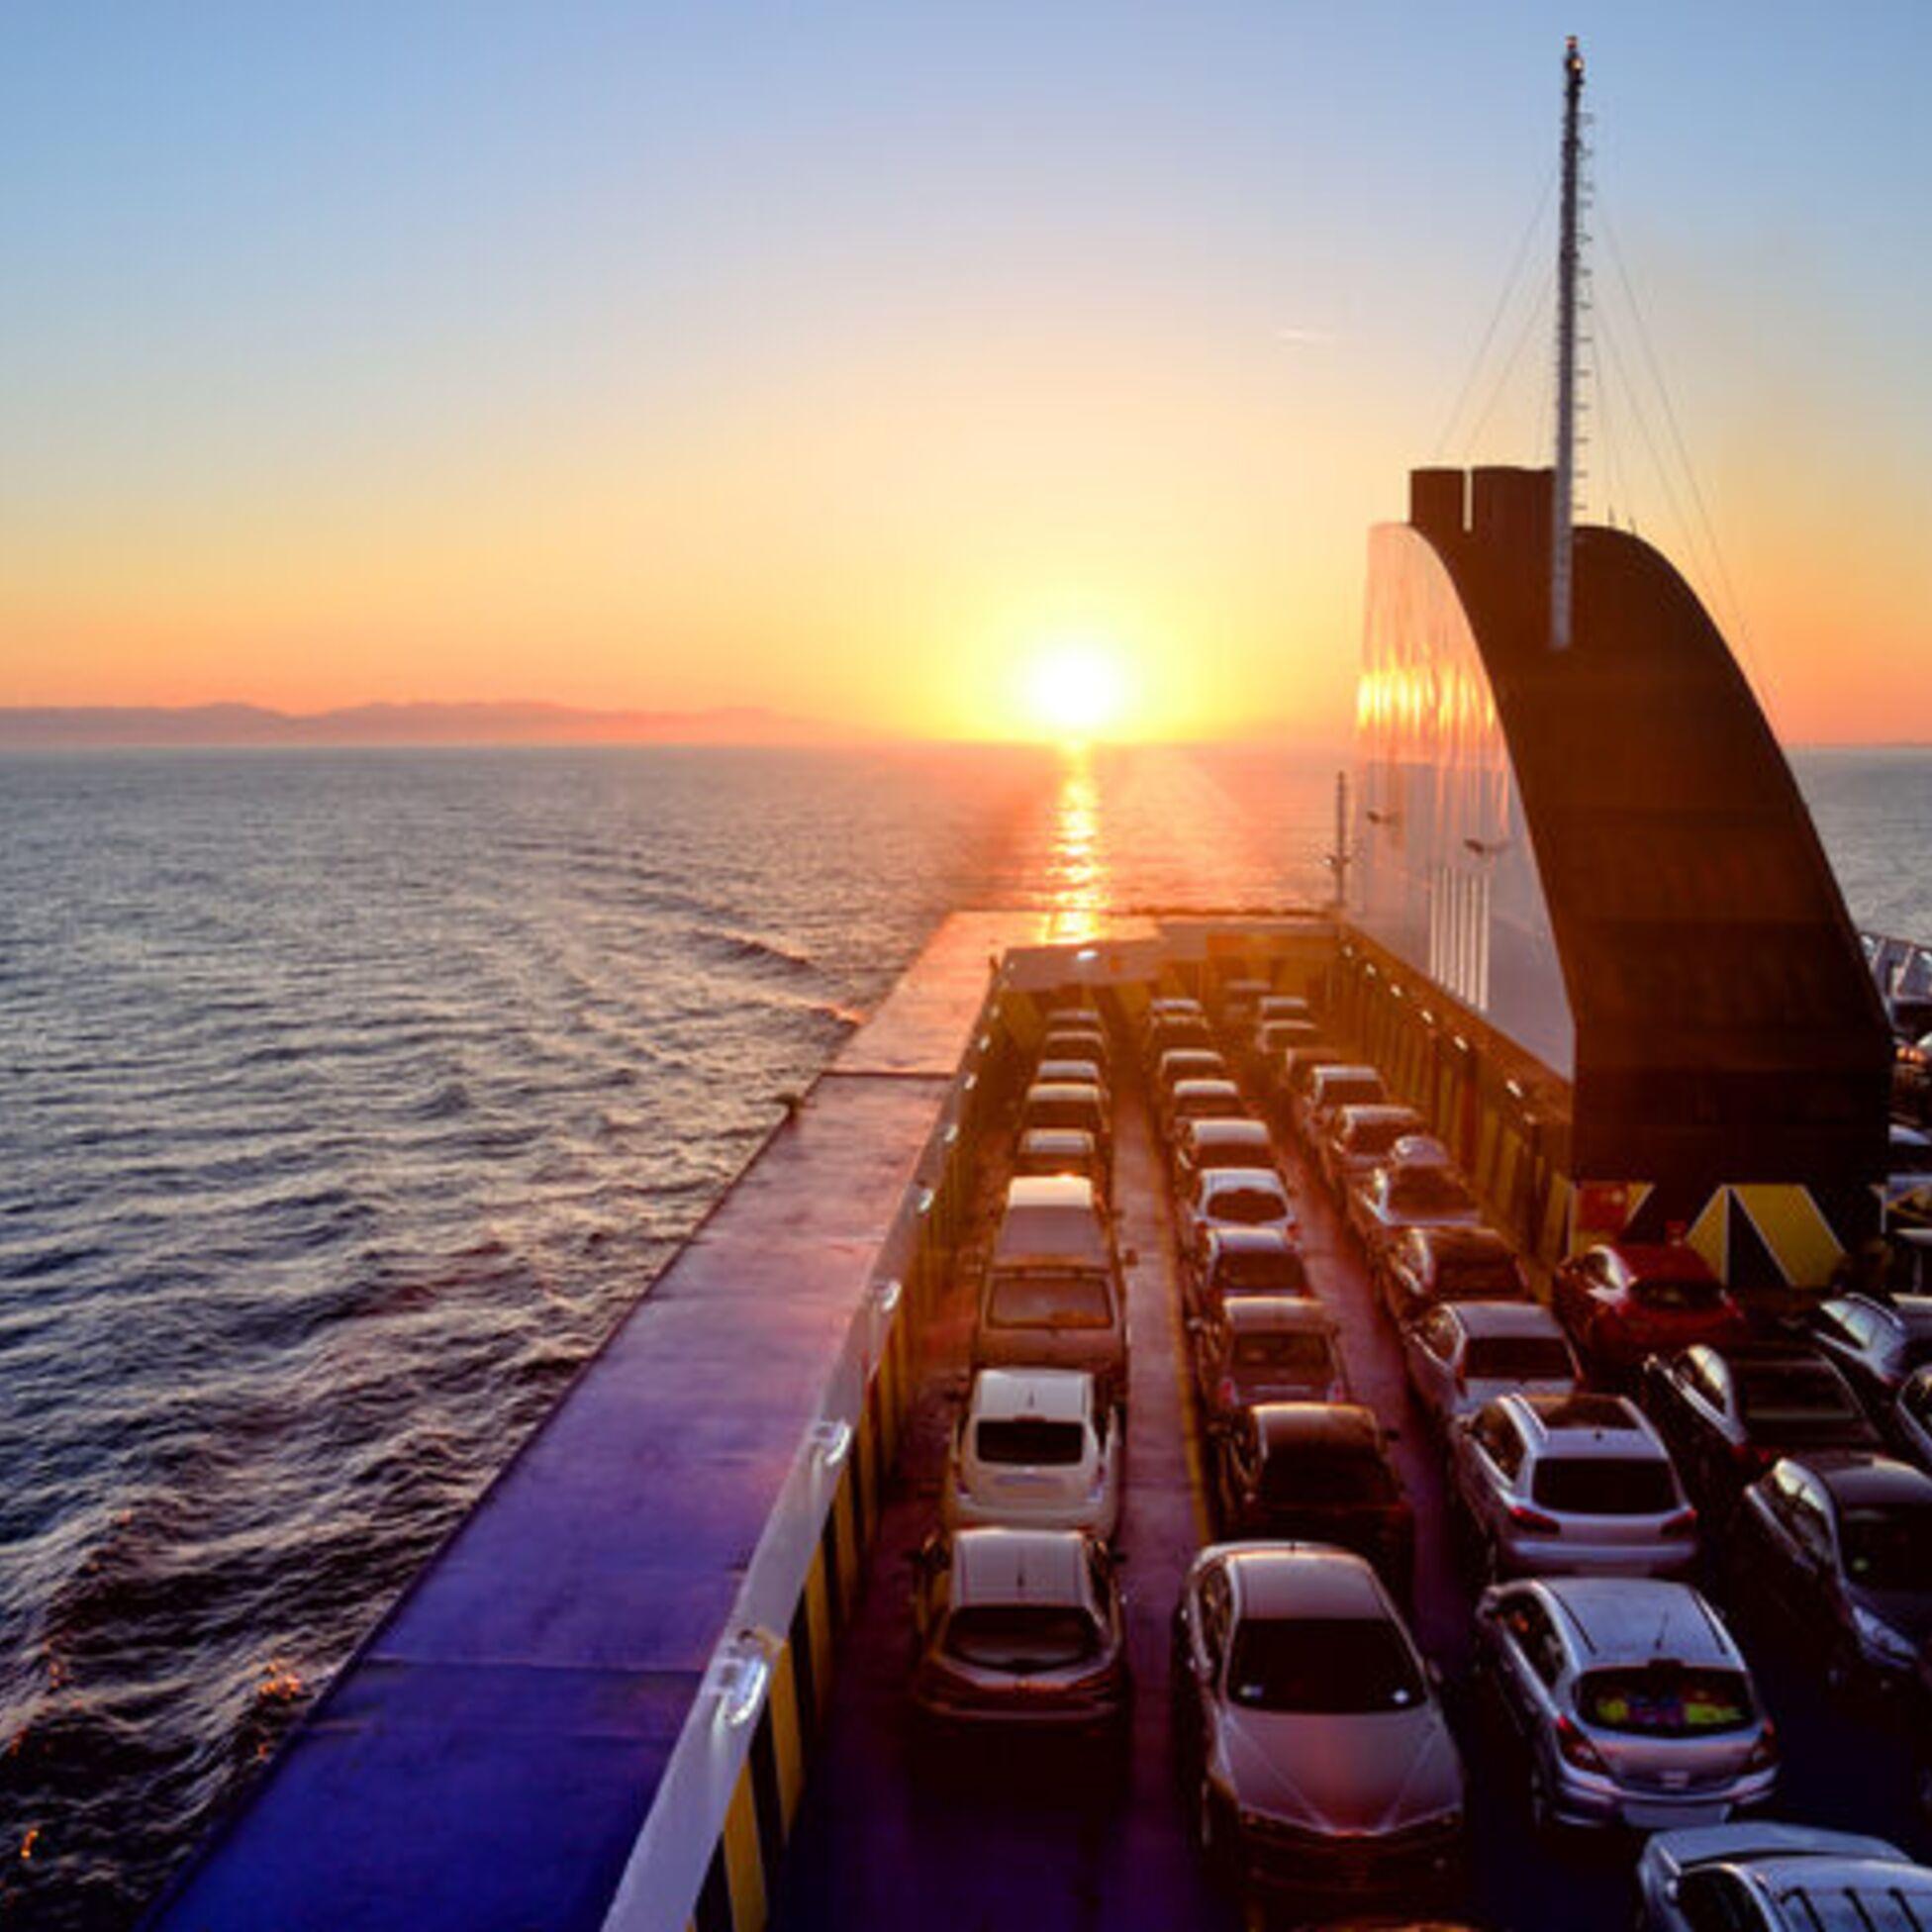 Fähre mit Autos auf See bei Sonnenuntergang